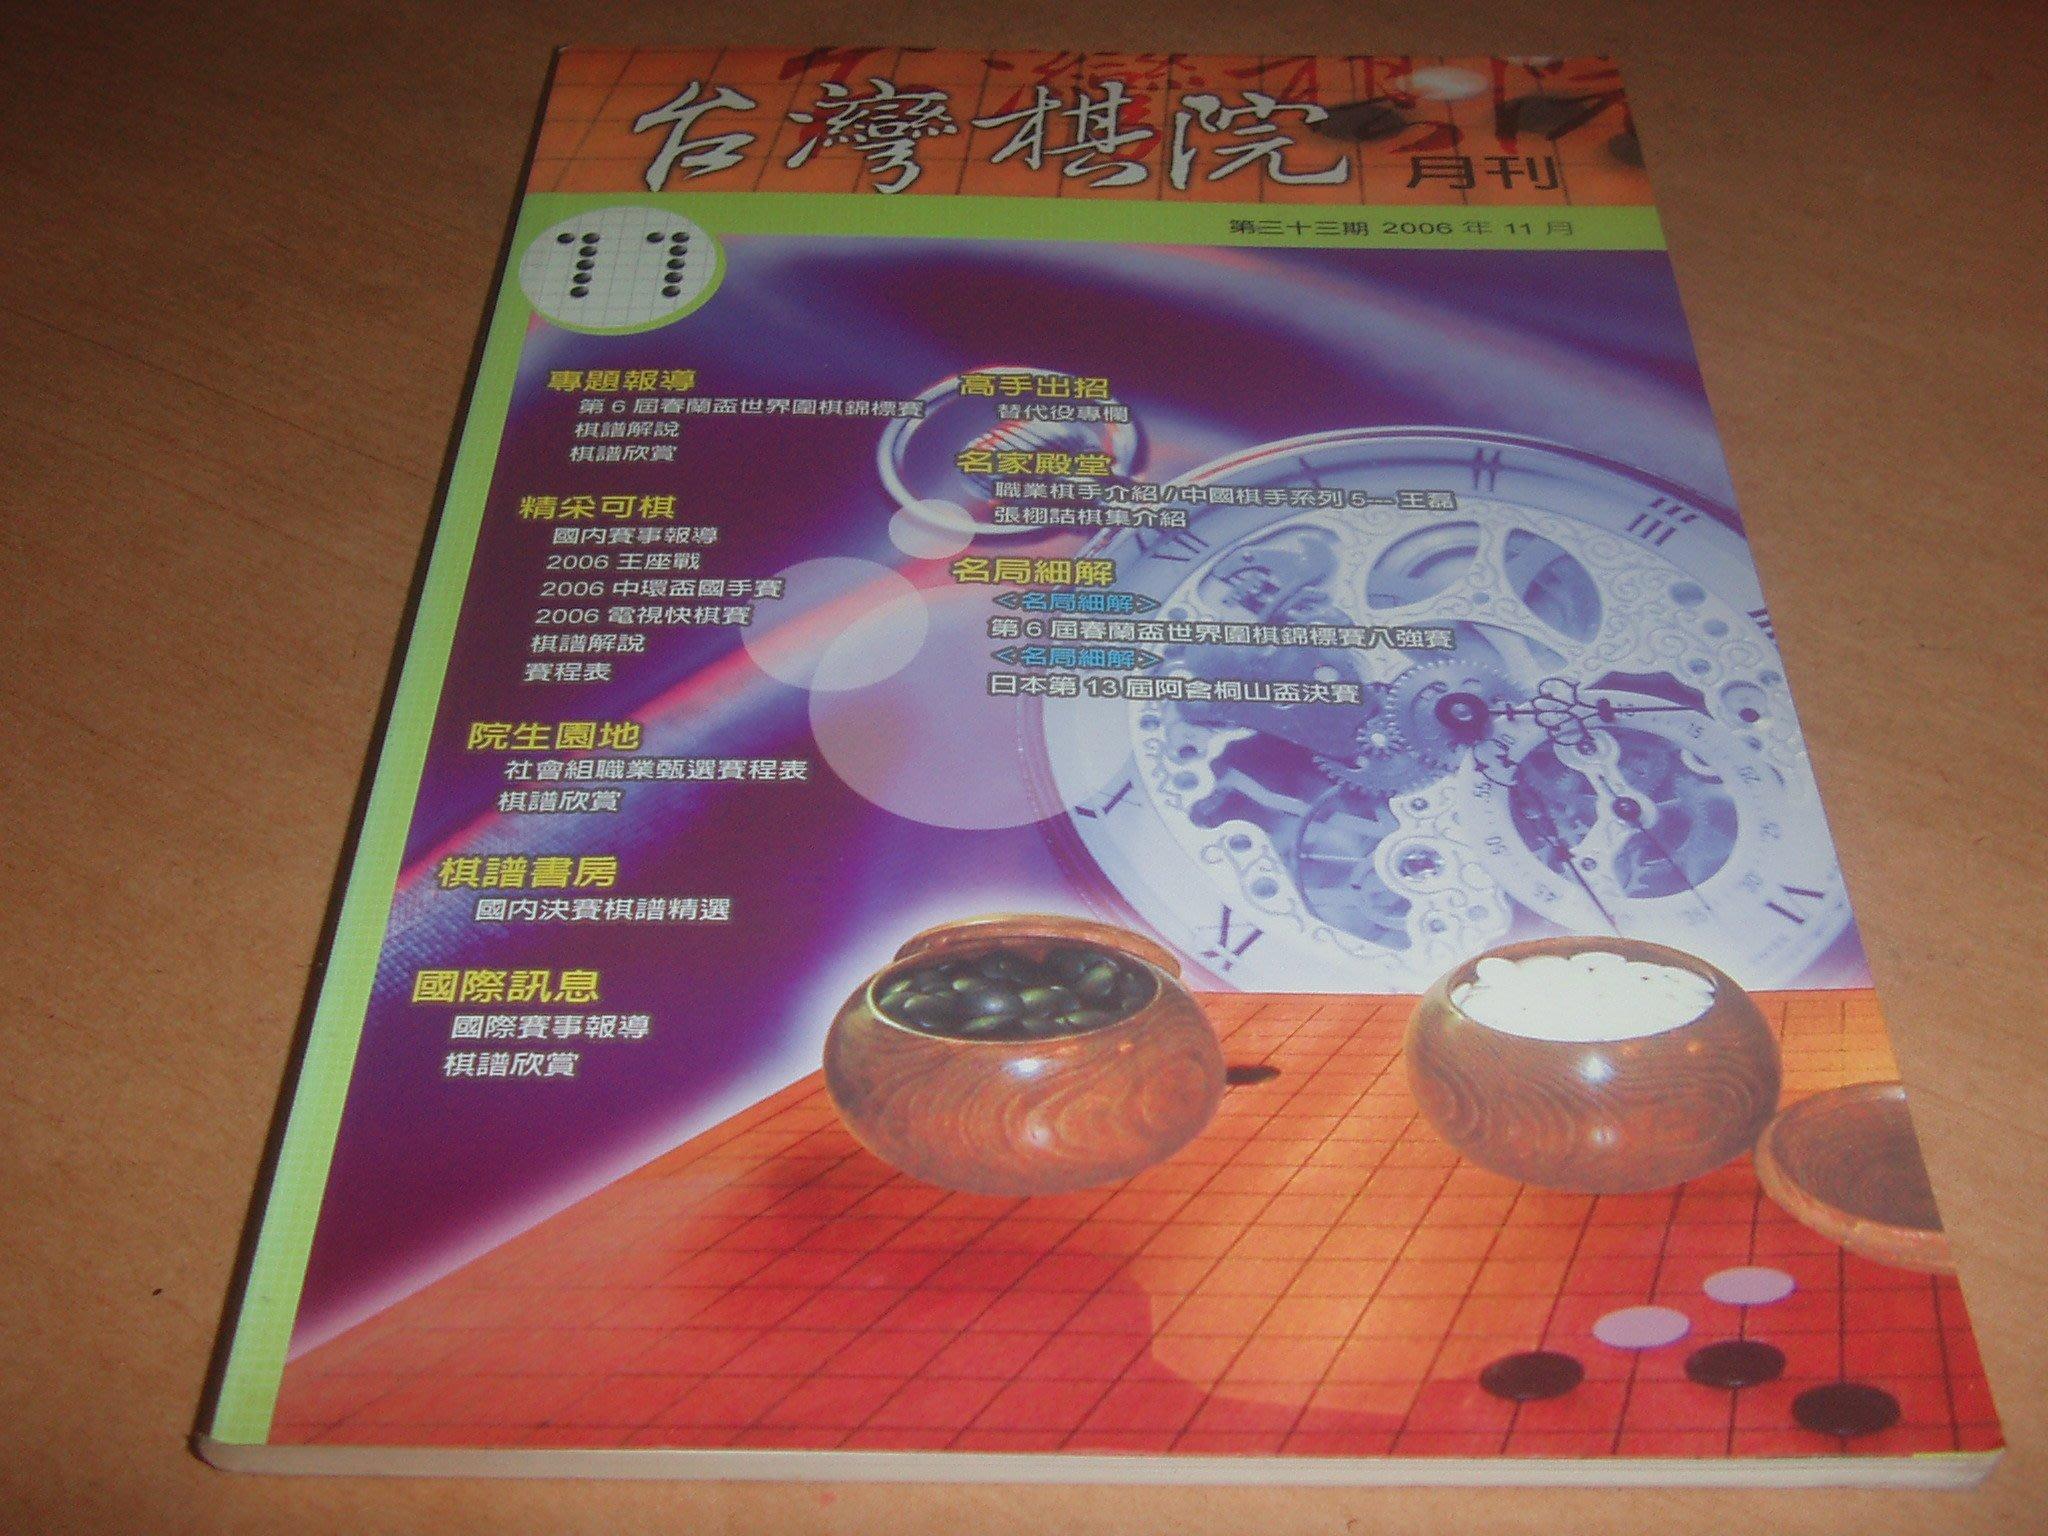 二手書【方爸爸的黃金屋】《台灣棋院月刊第33期》台灣棋院文化基金會2006年11月發行N6